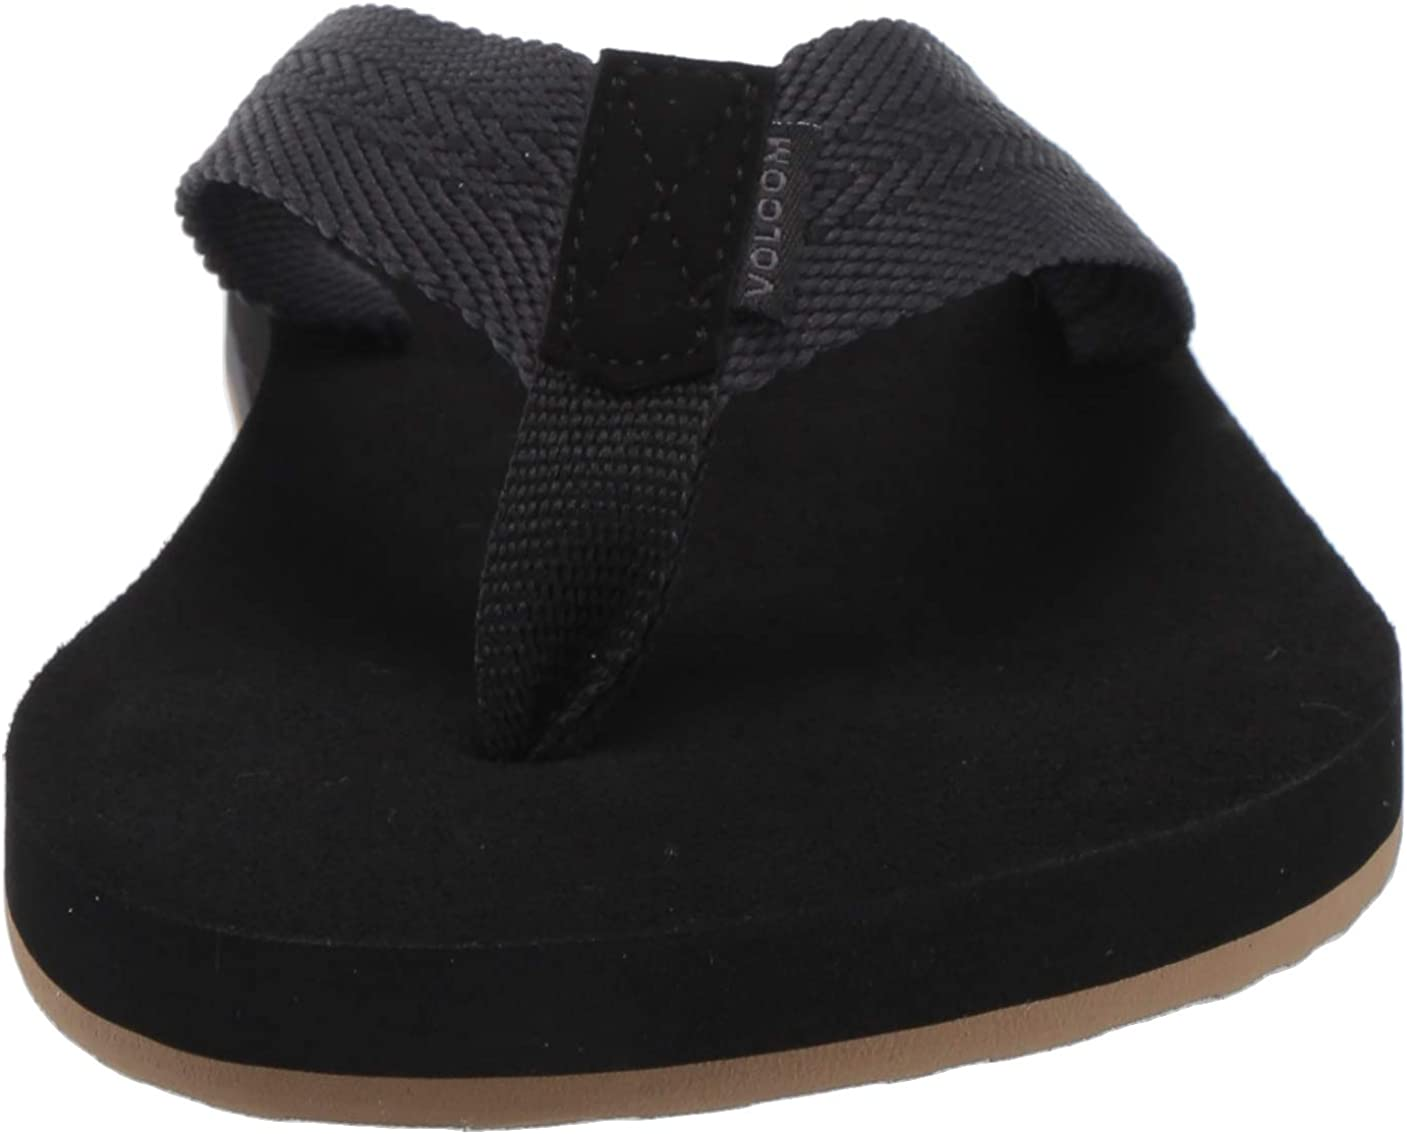 Volcom Mens Daycation Textile Flip Flop Sandal